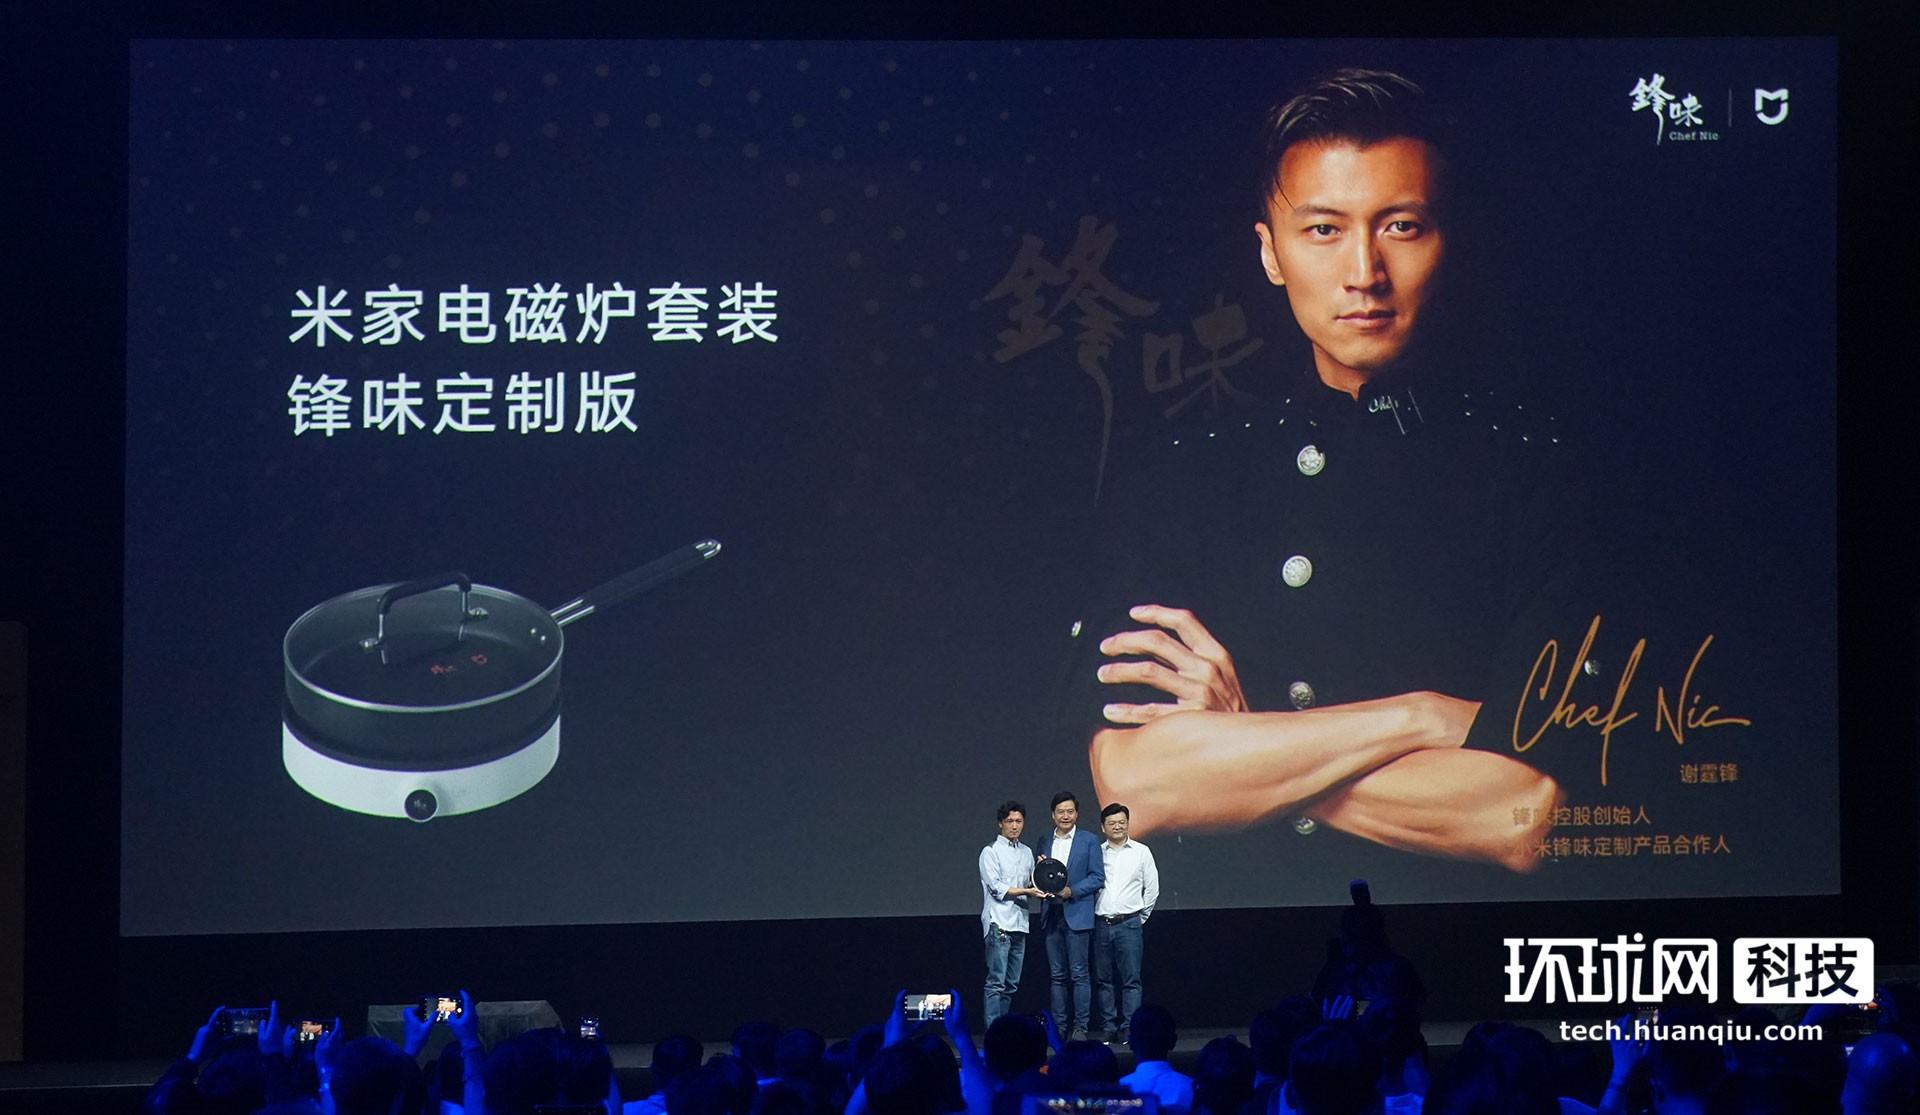 小米牵手谢霆锋,推出米家电磁炉套装锋味定制版